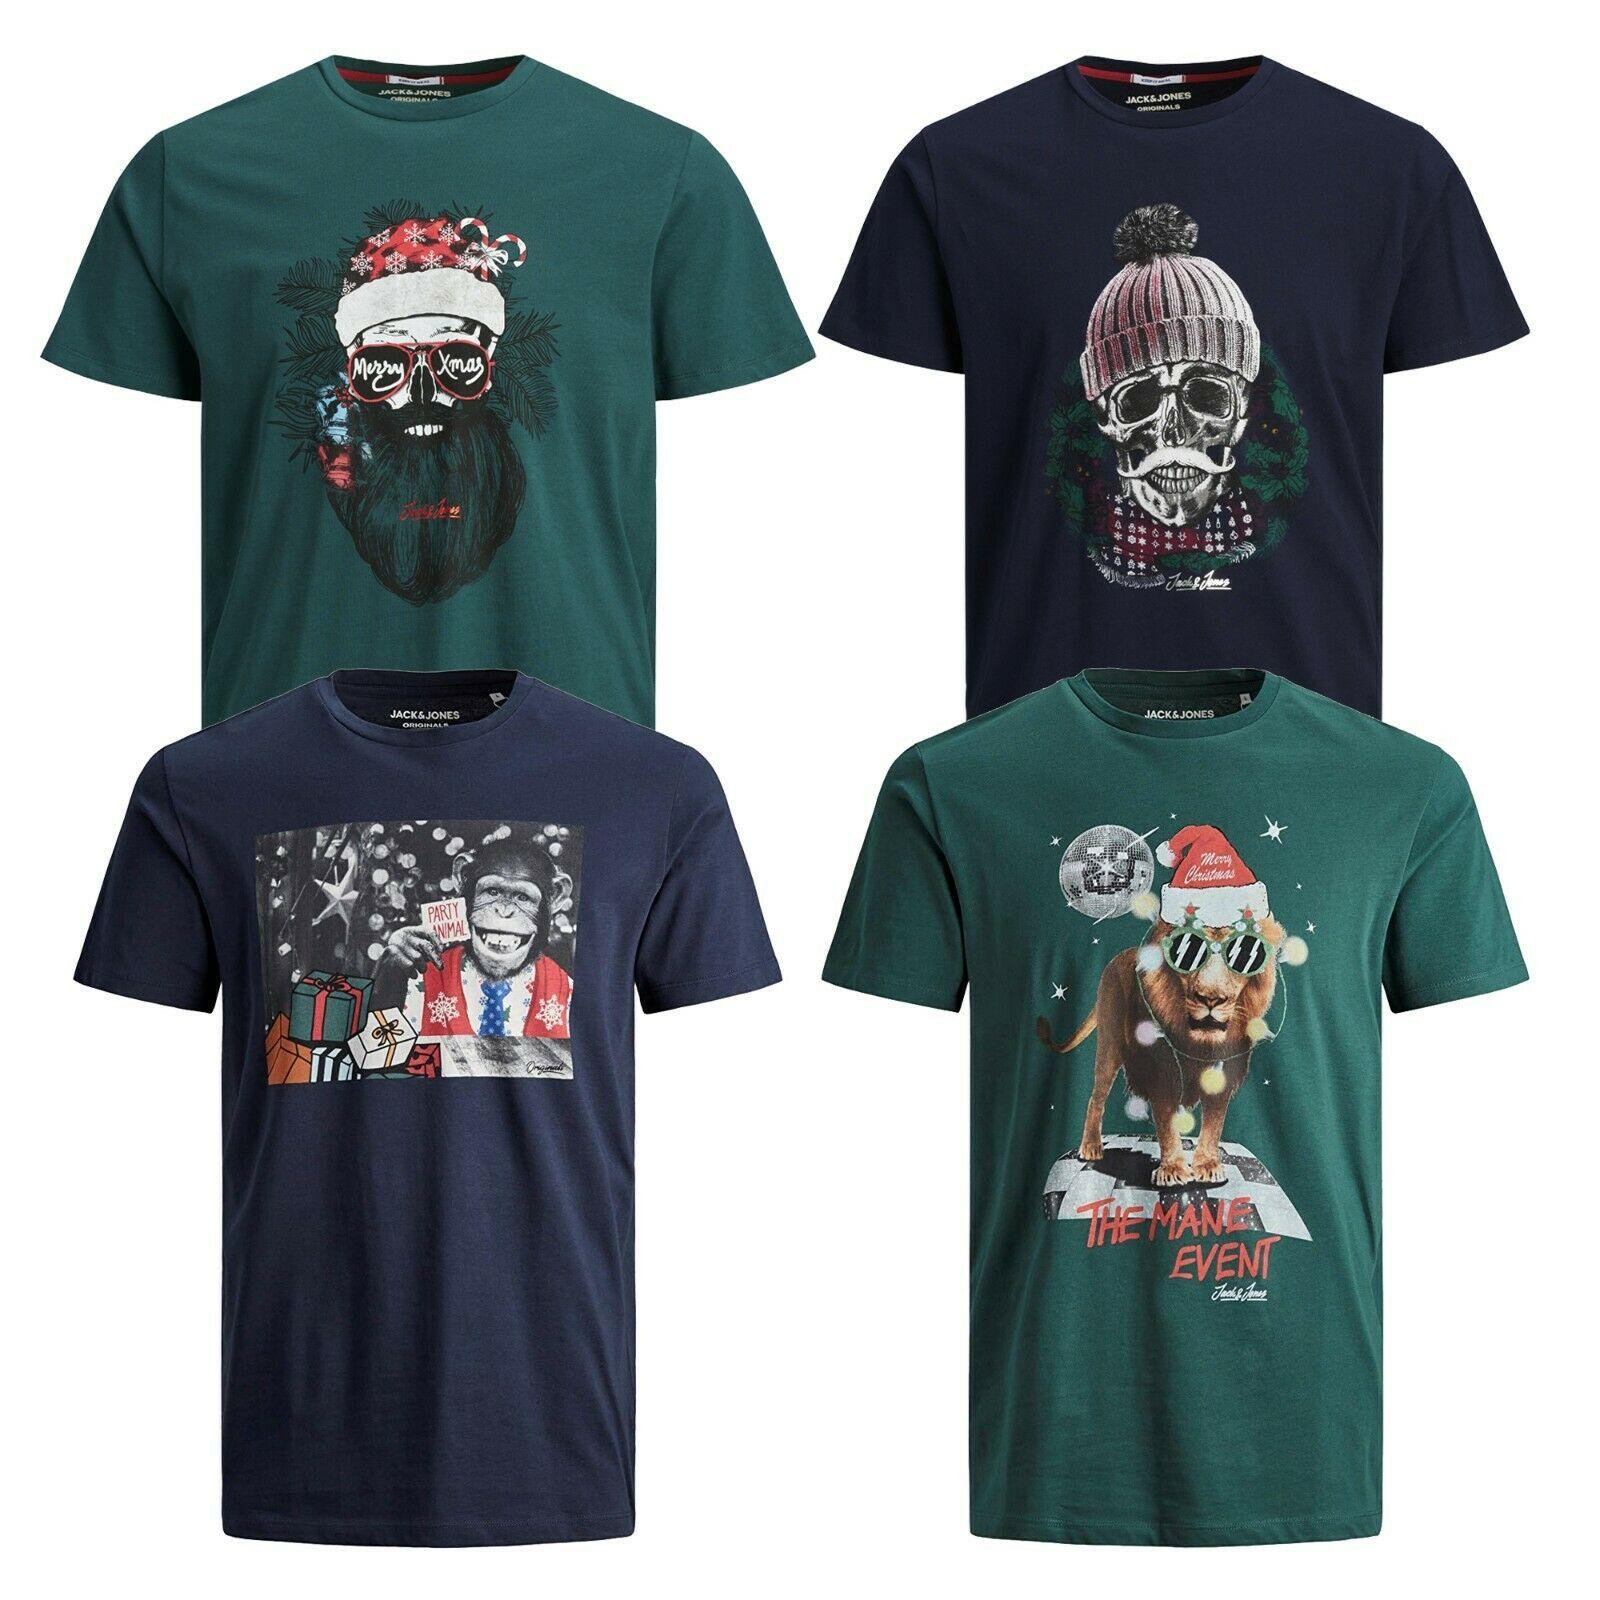 dettagliare vendita più economica vendita economica Jack & Jones Mens Big & Tall Size TShirts Crew Neck Short Sleeve ...